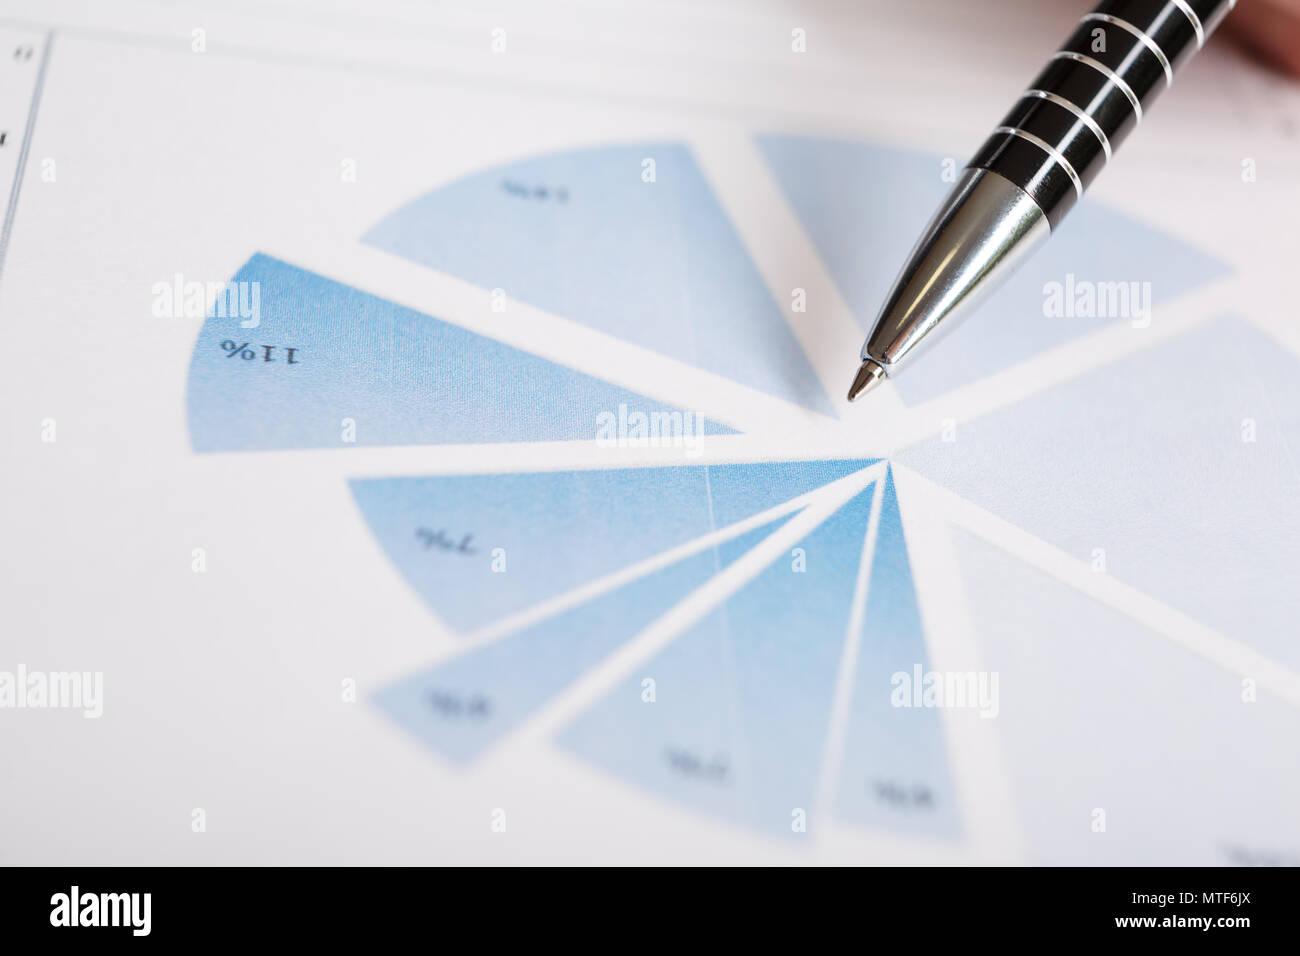 Pluma sobre el gráfico. Imagen macro.Concepto de análisis de datos financieros Imagen De Stock